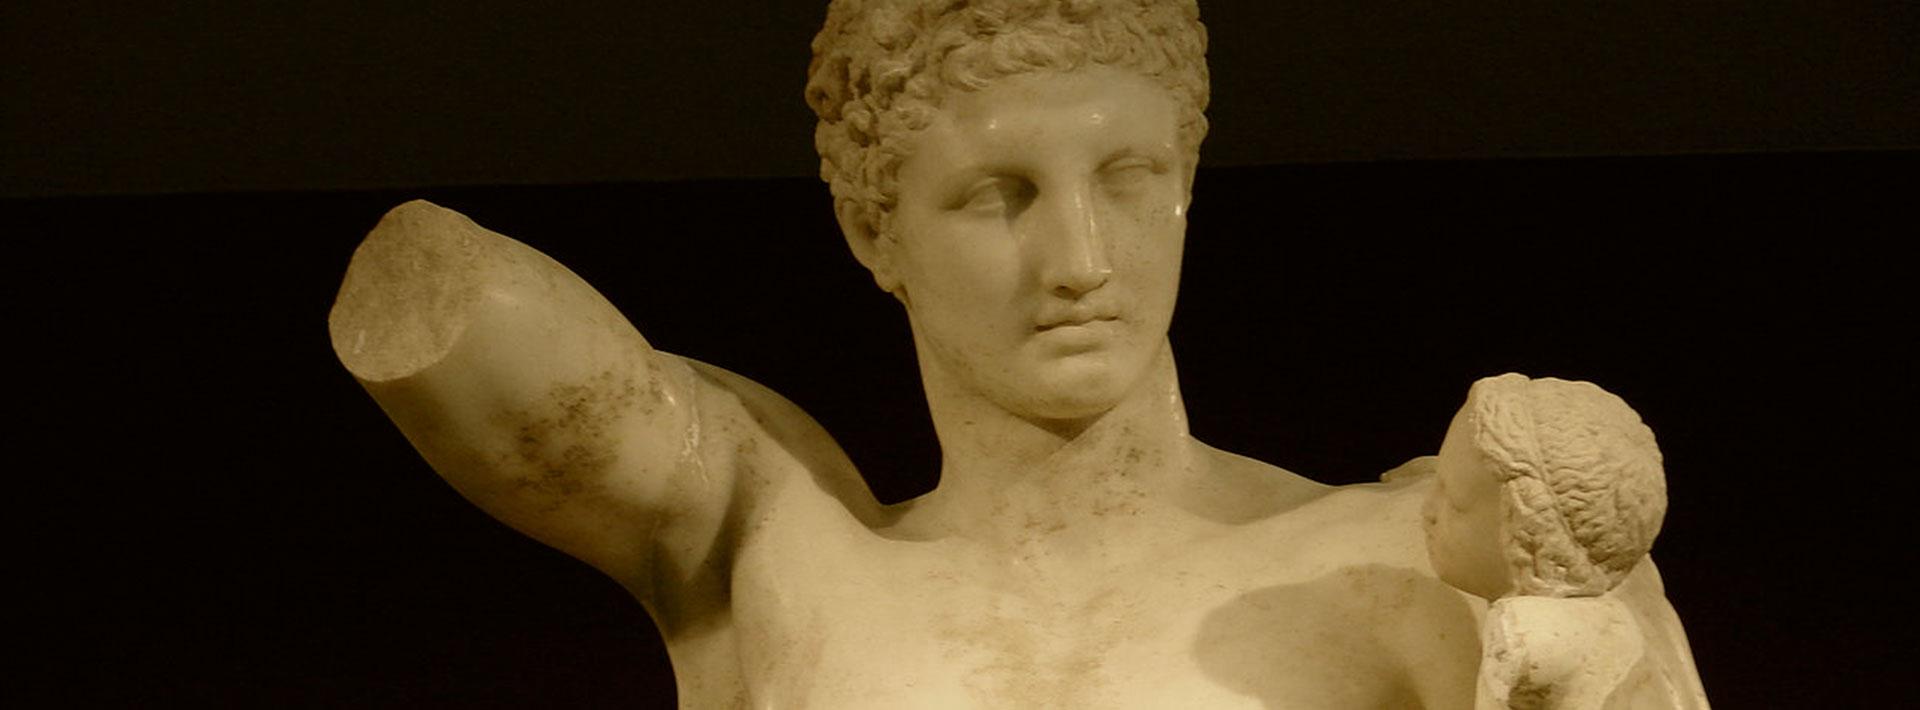 Hermes o de la Comunicación Humana